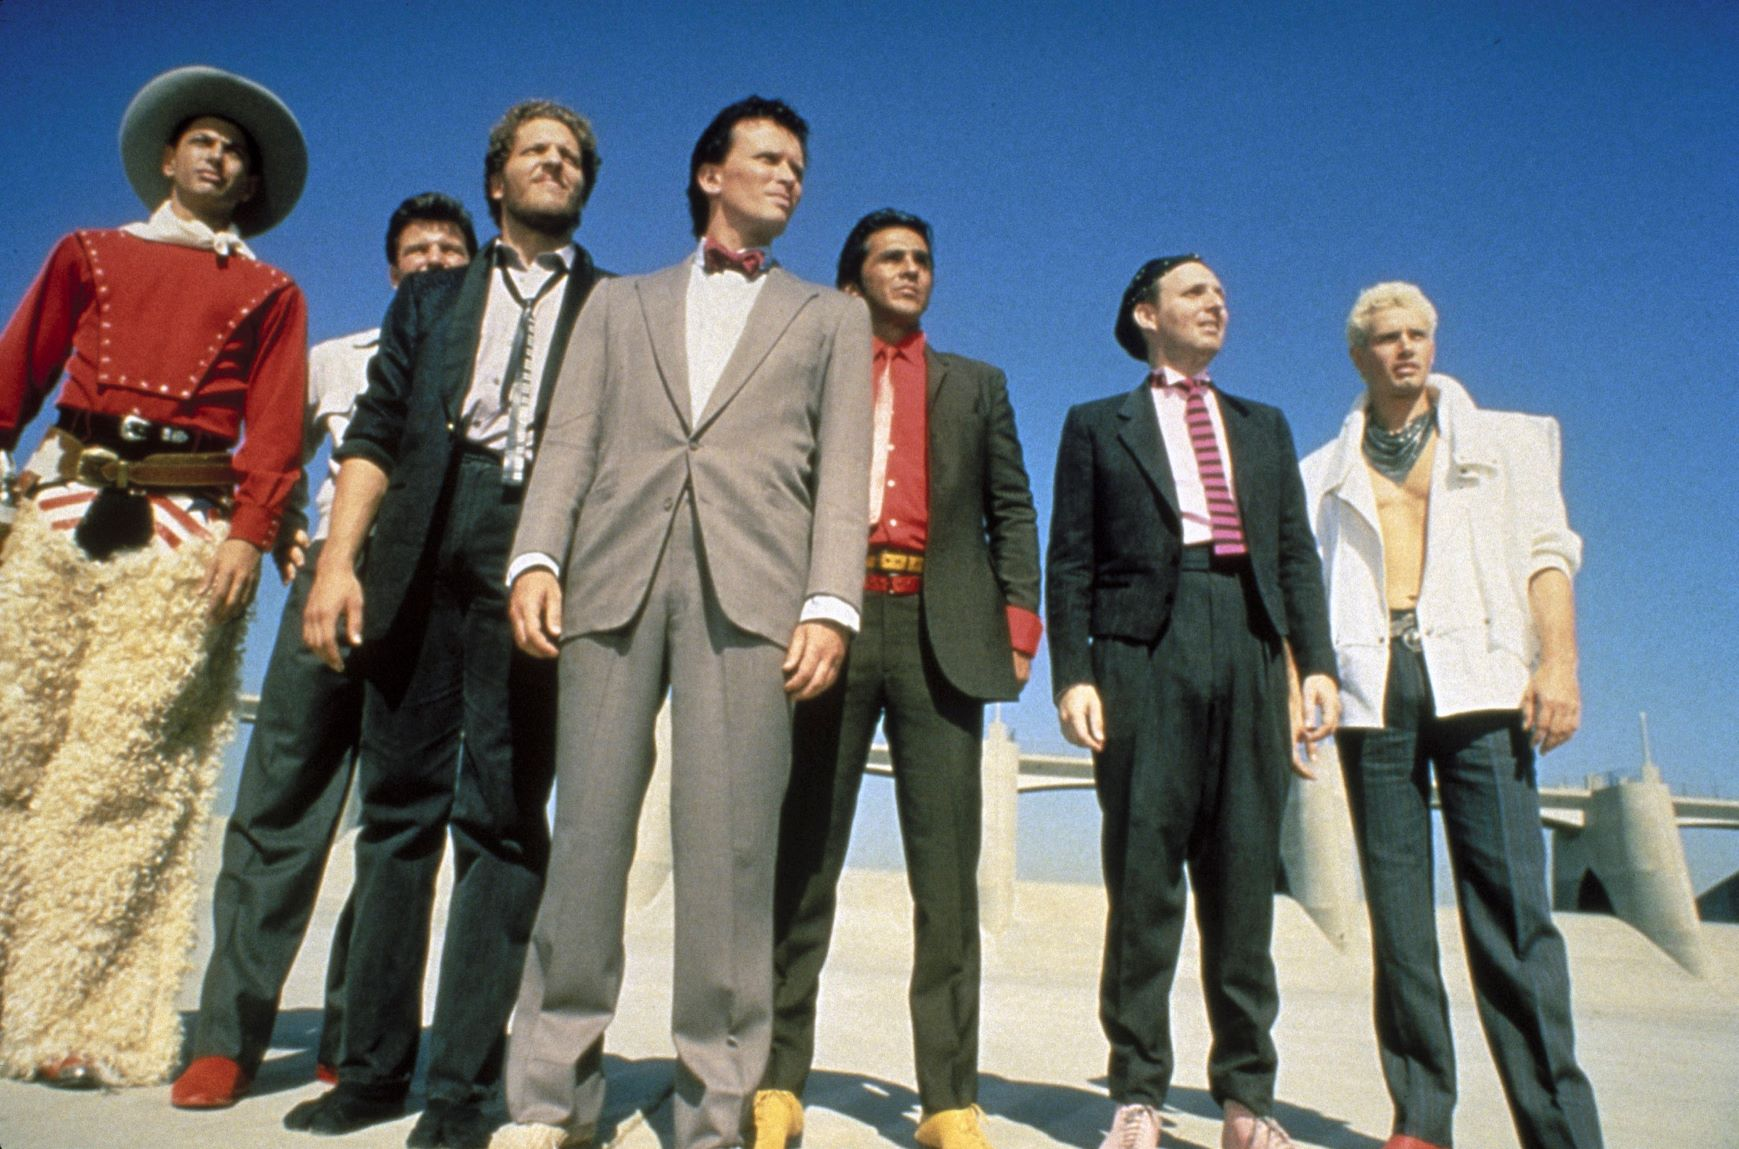 the-adventures-of-buckaroo-banzai-1984